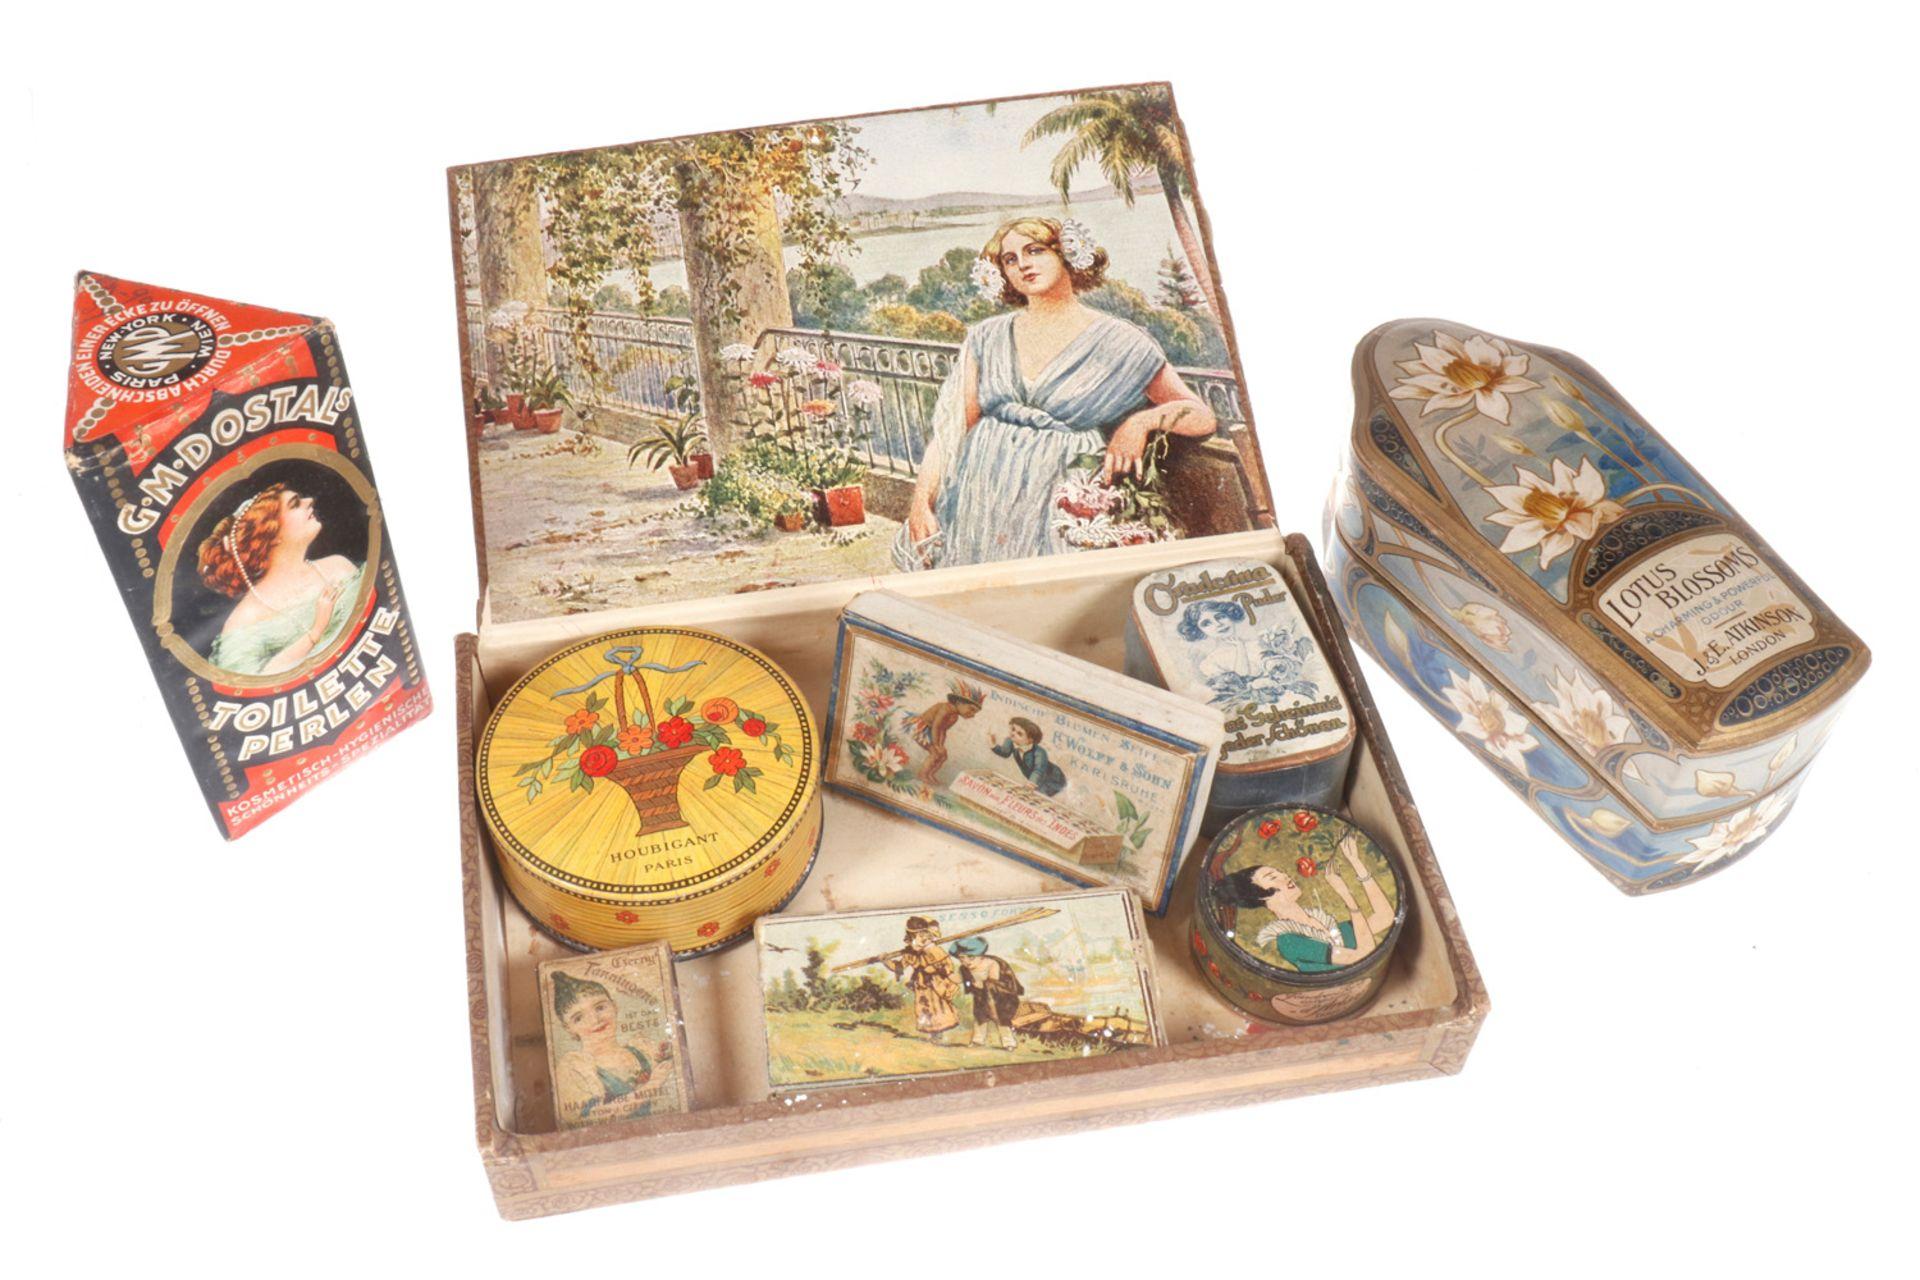 Konv. 8 Werbedosen, Pappe, um 1900, für Seife und Puder, im Zigarren-Kästchen mit Oldtimer-Motiv,